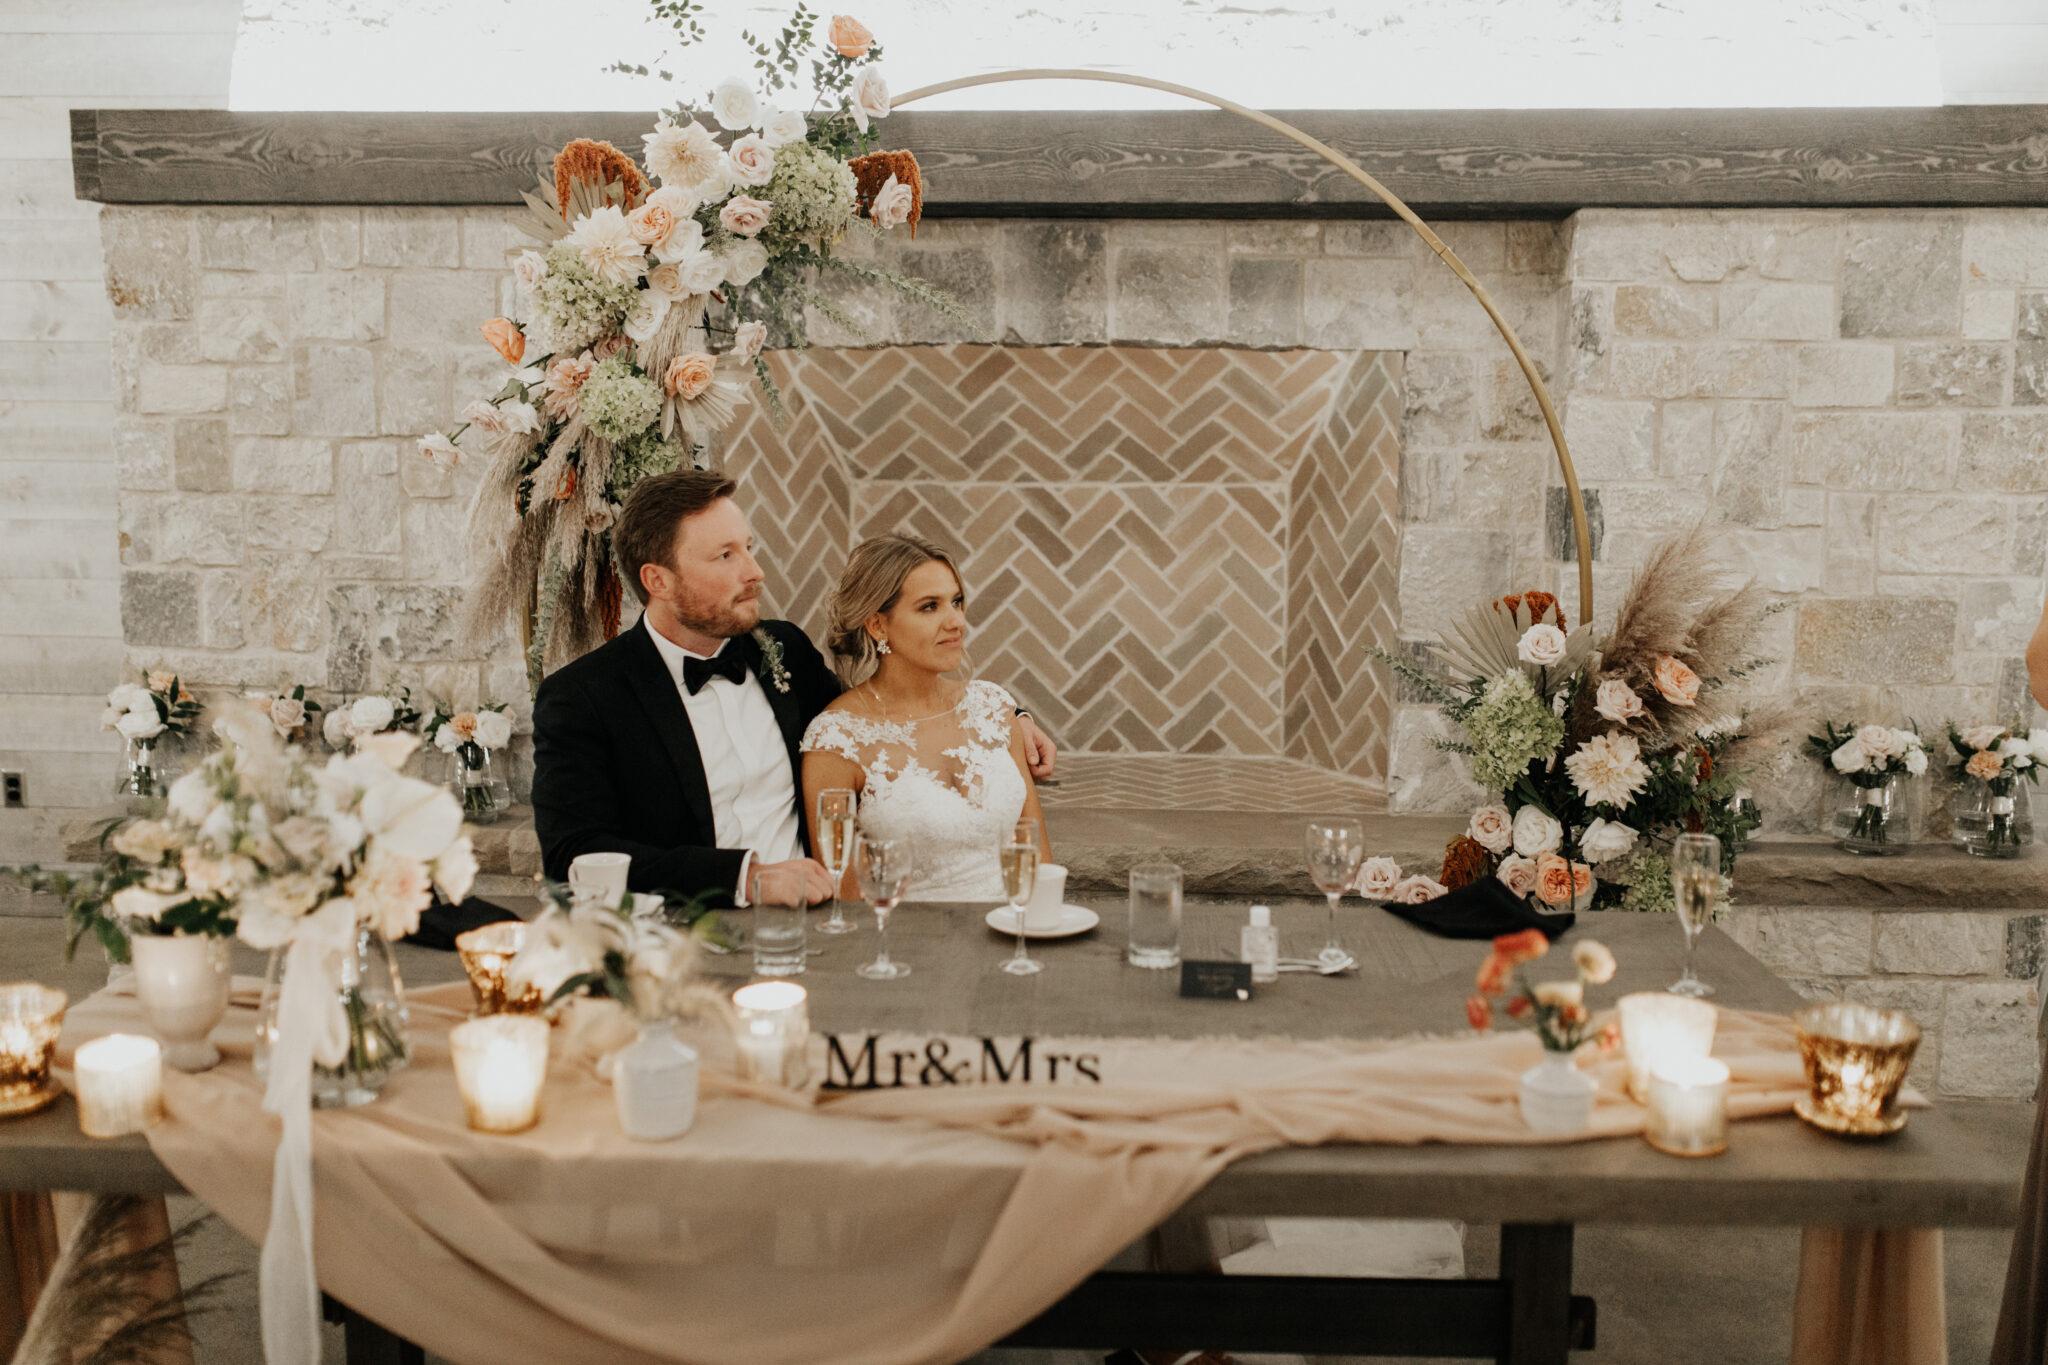 Essen Events Wedding Planning Services